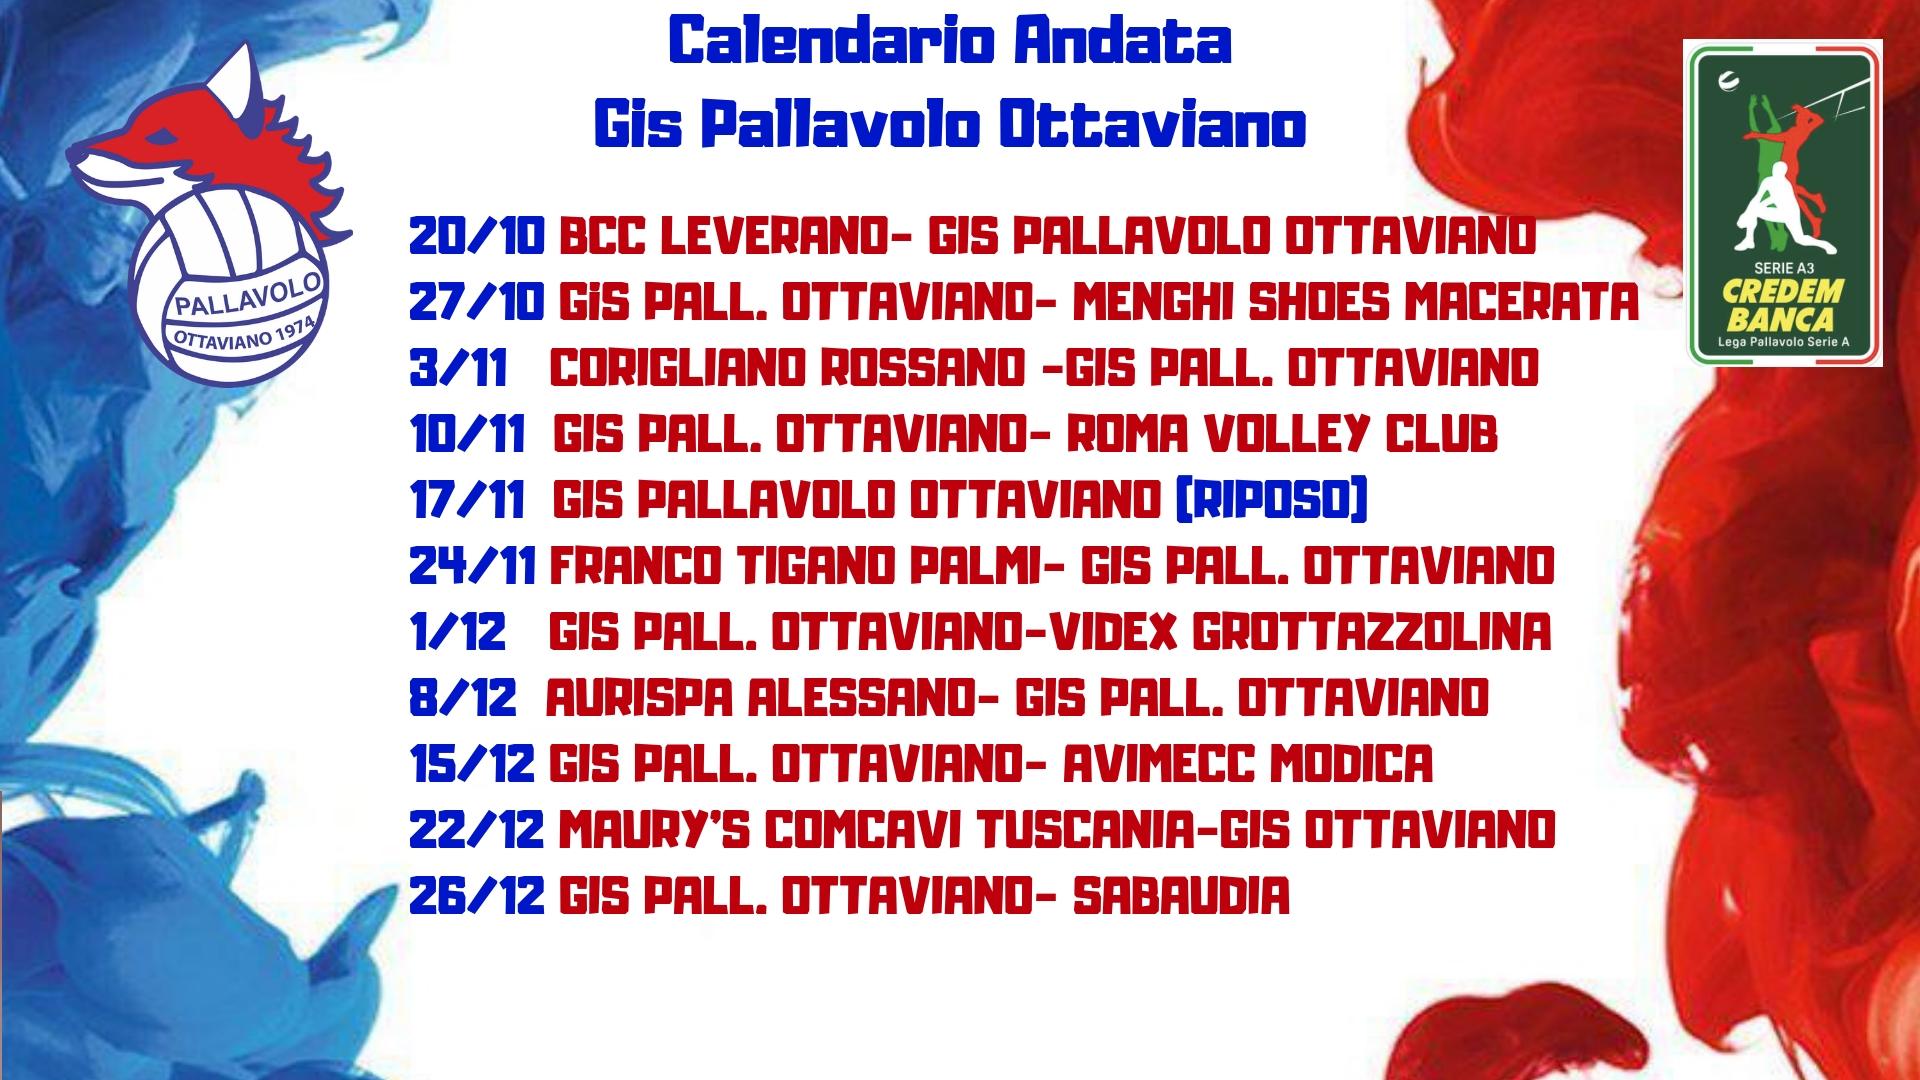 Globo Sora Calendario.Serie A3 Credem Banca Tutto Il Calendario Della Gis